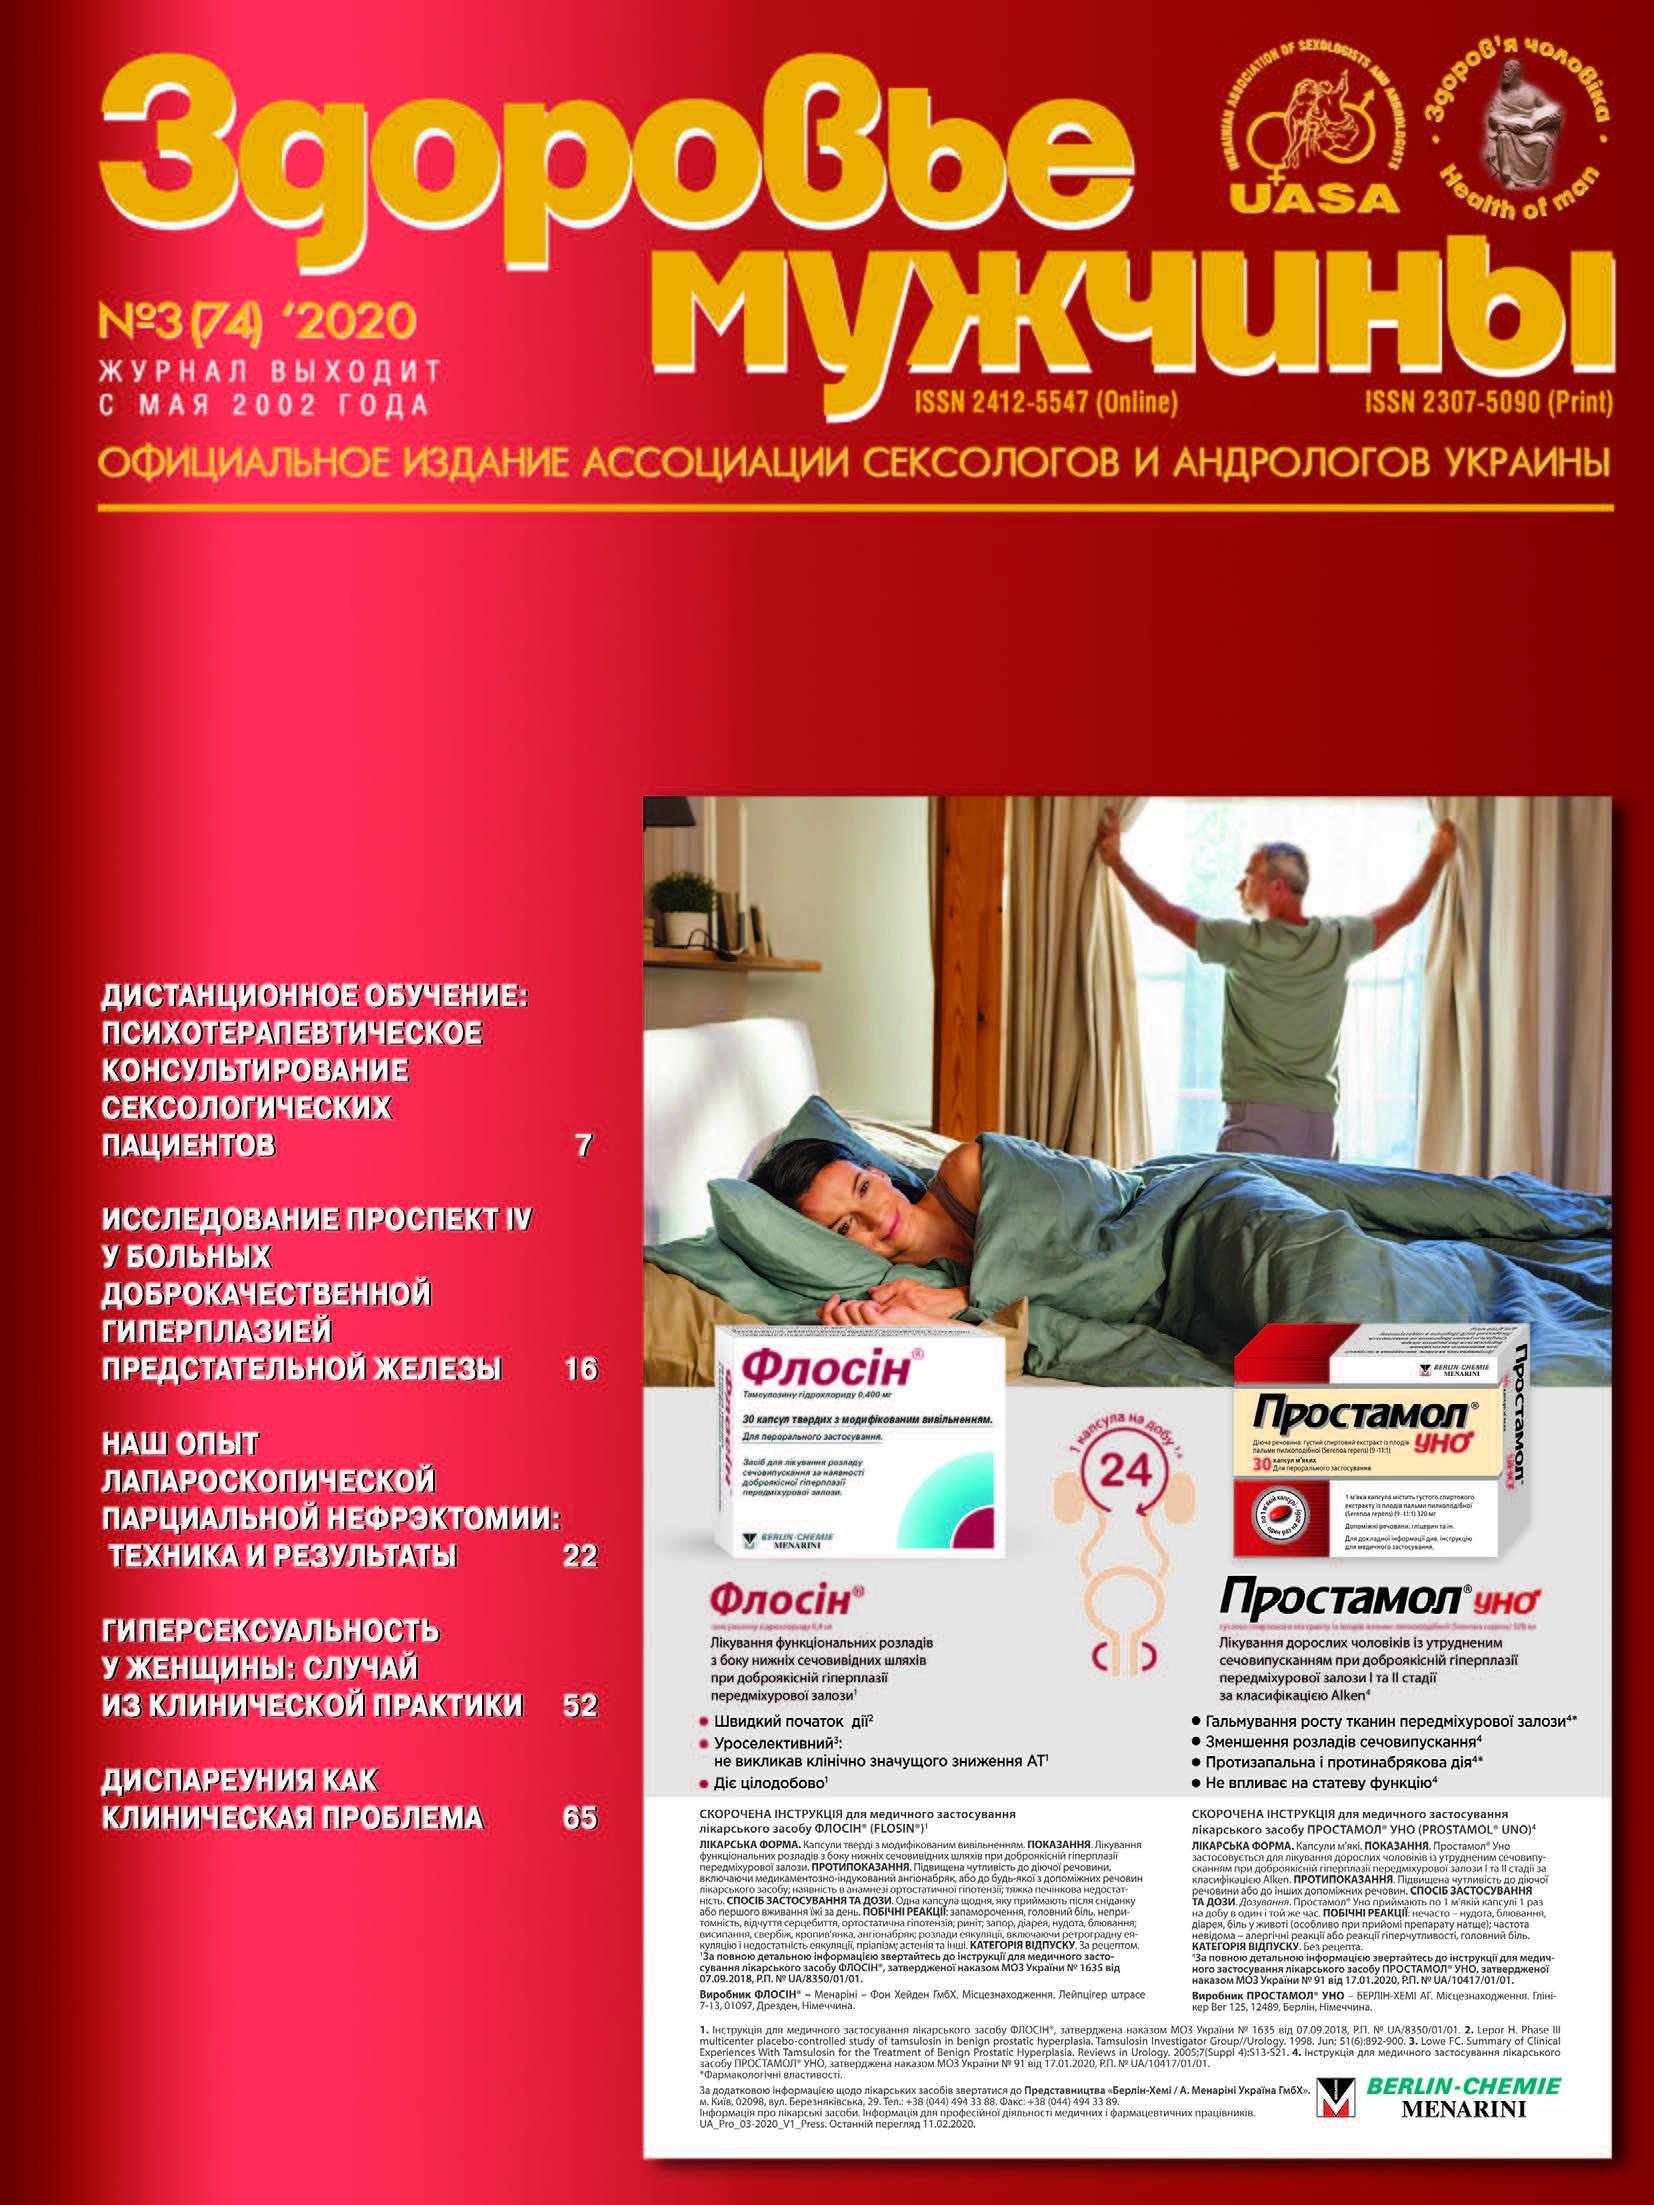 Táblázat a prostatitis alatt A végbél és a prosztata gyulladása